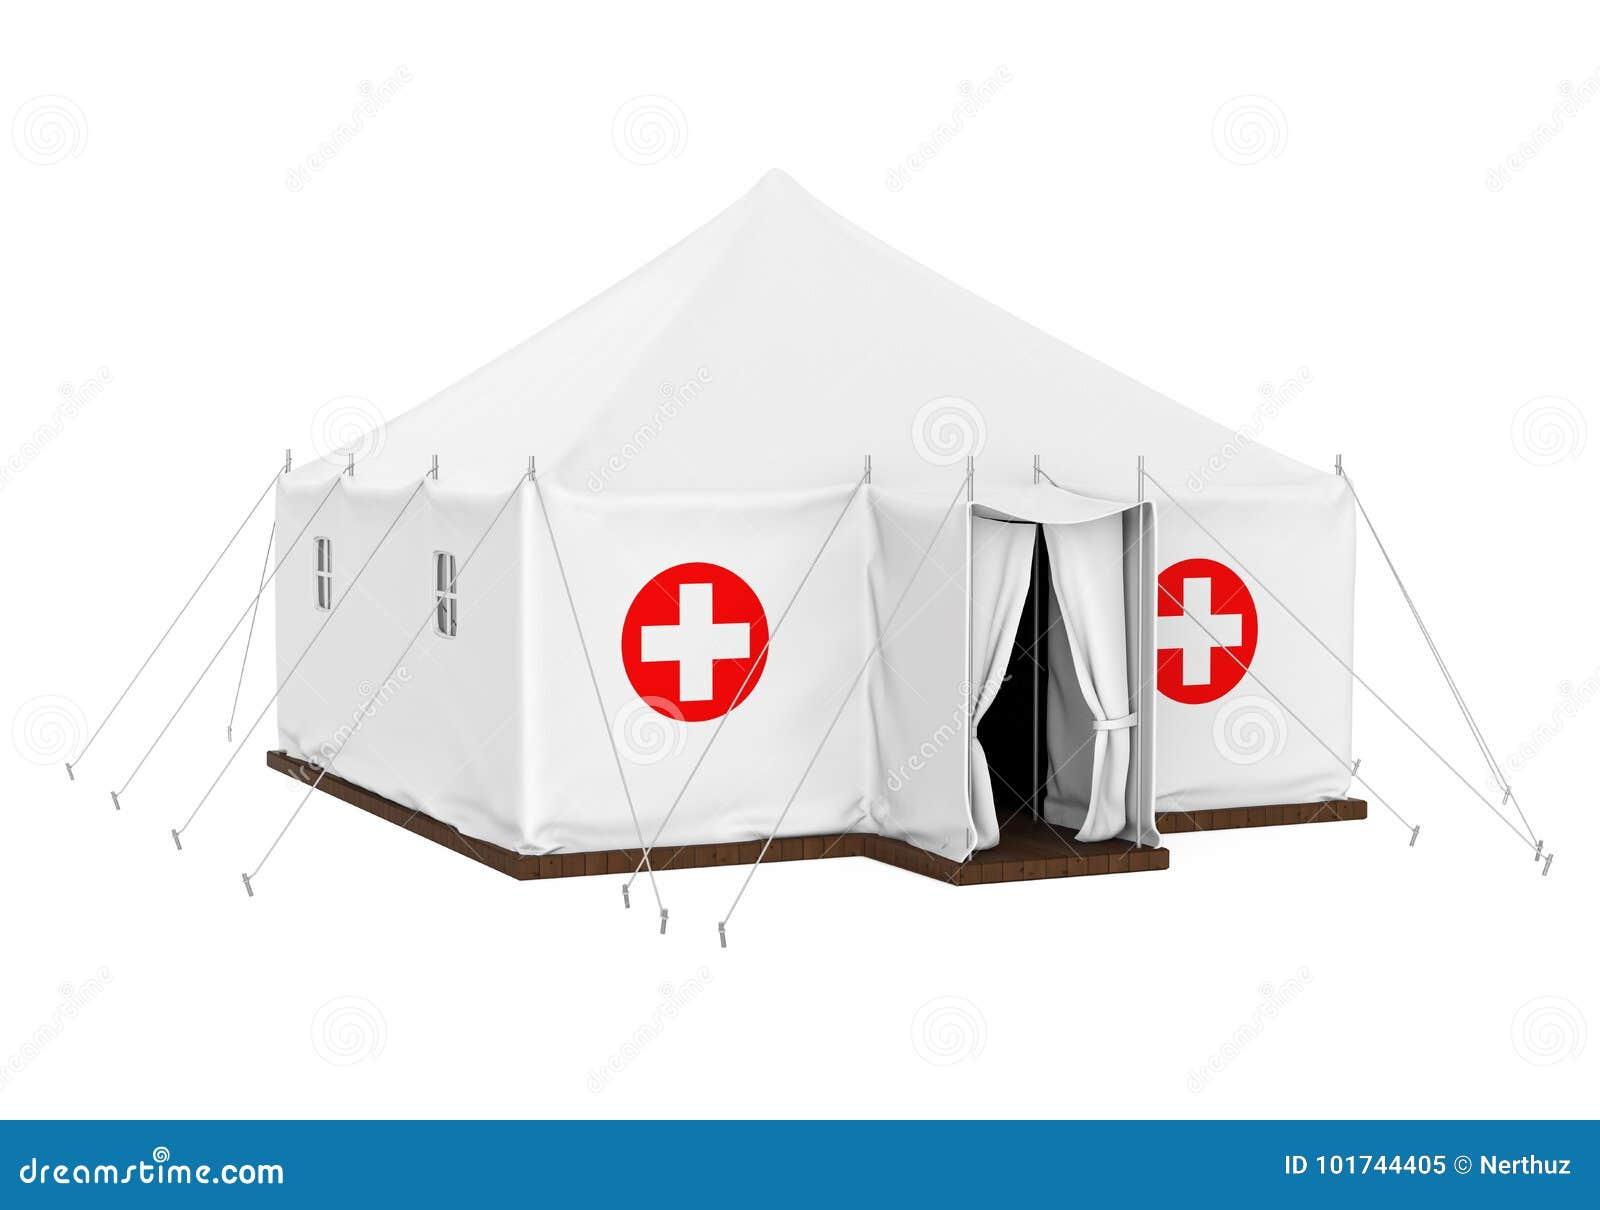 Медицинский изолированный шатер